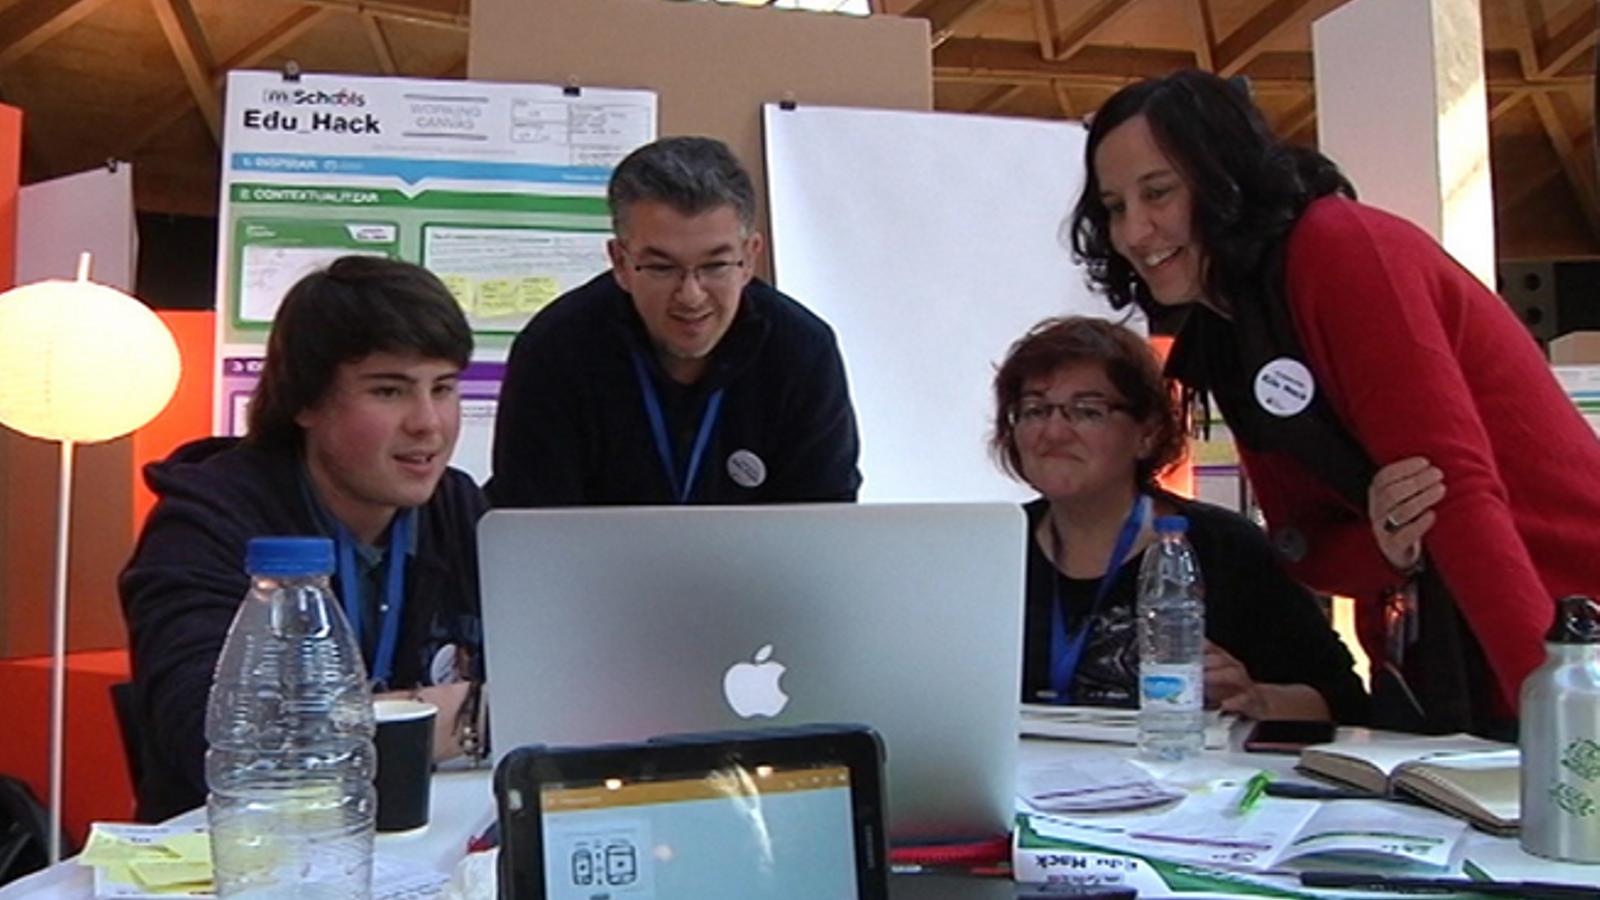 La tecnologia educativa entra al Mobile World Congress